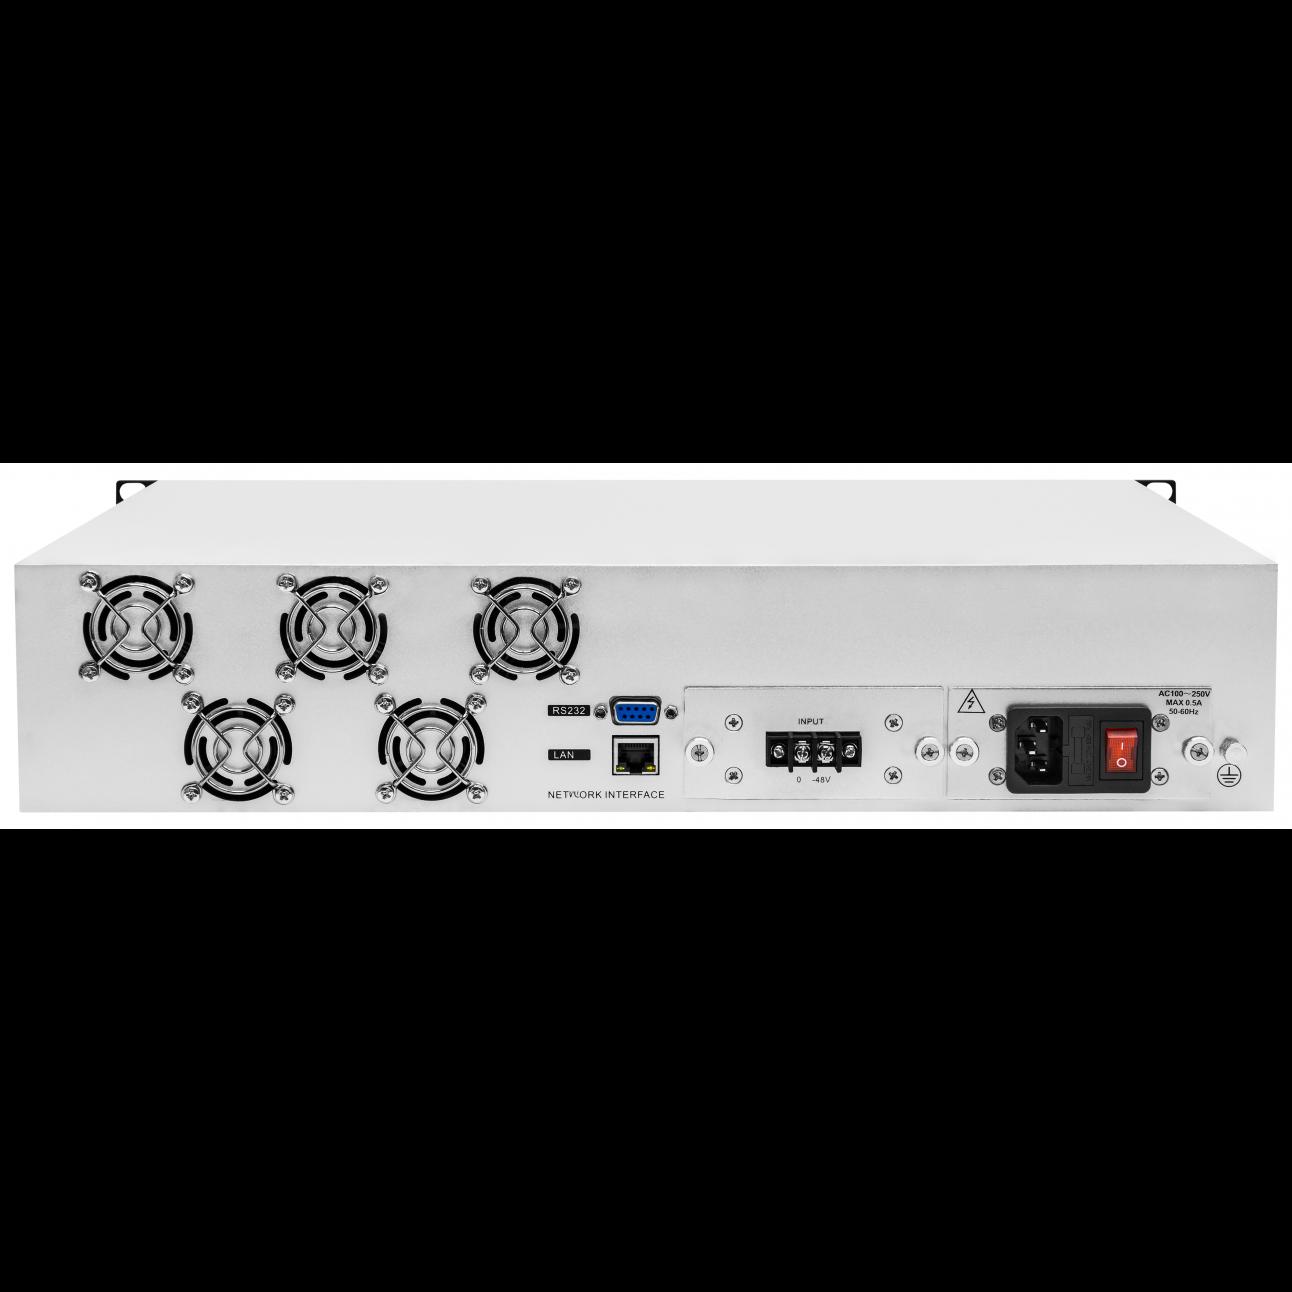 Оптический усилитель VERMAX для сетей КТВ, 2 входа, 8*23dBm выходов, WDM фильтр PON